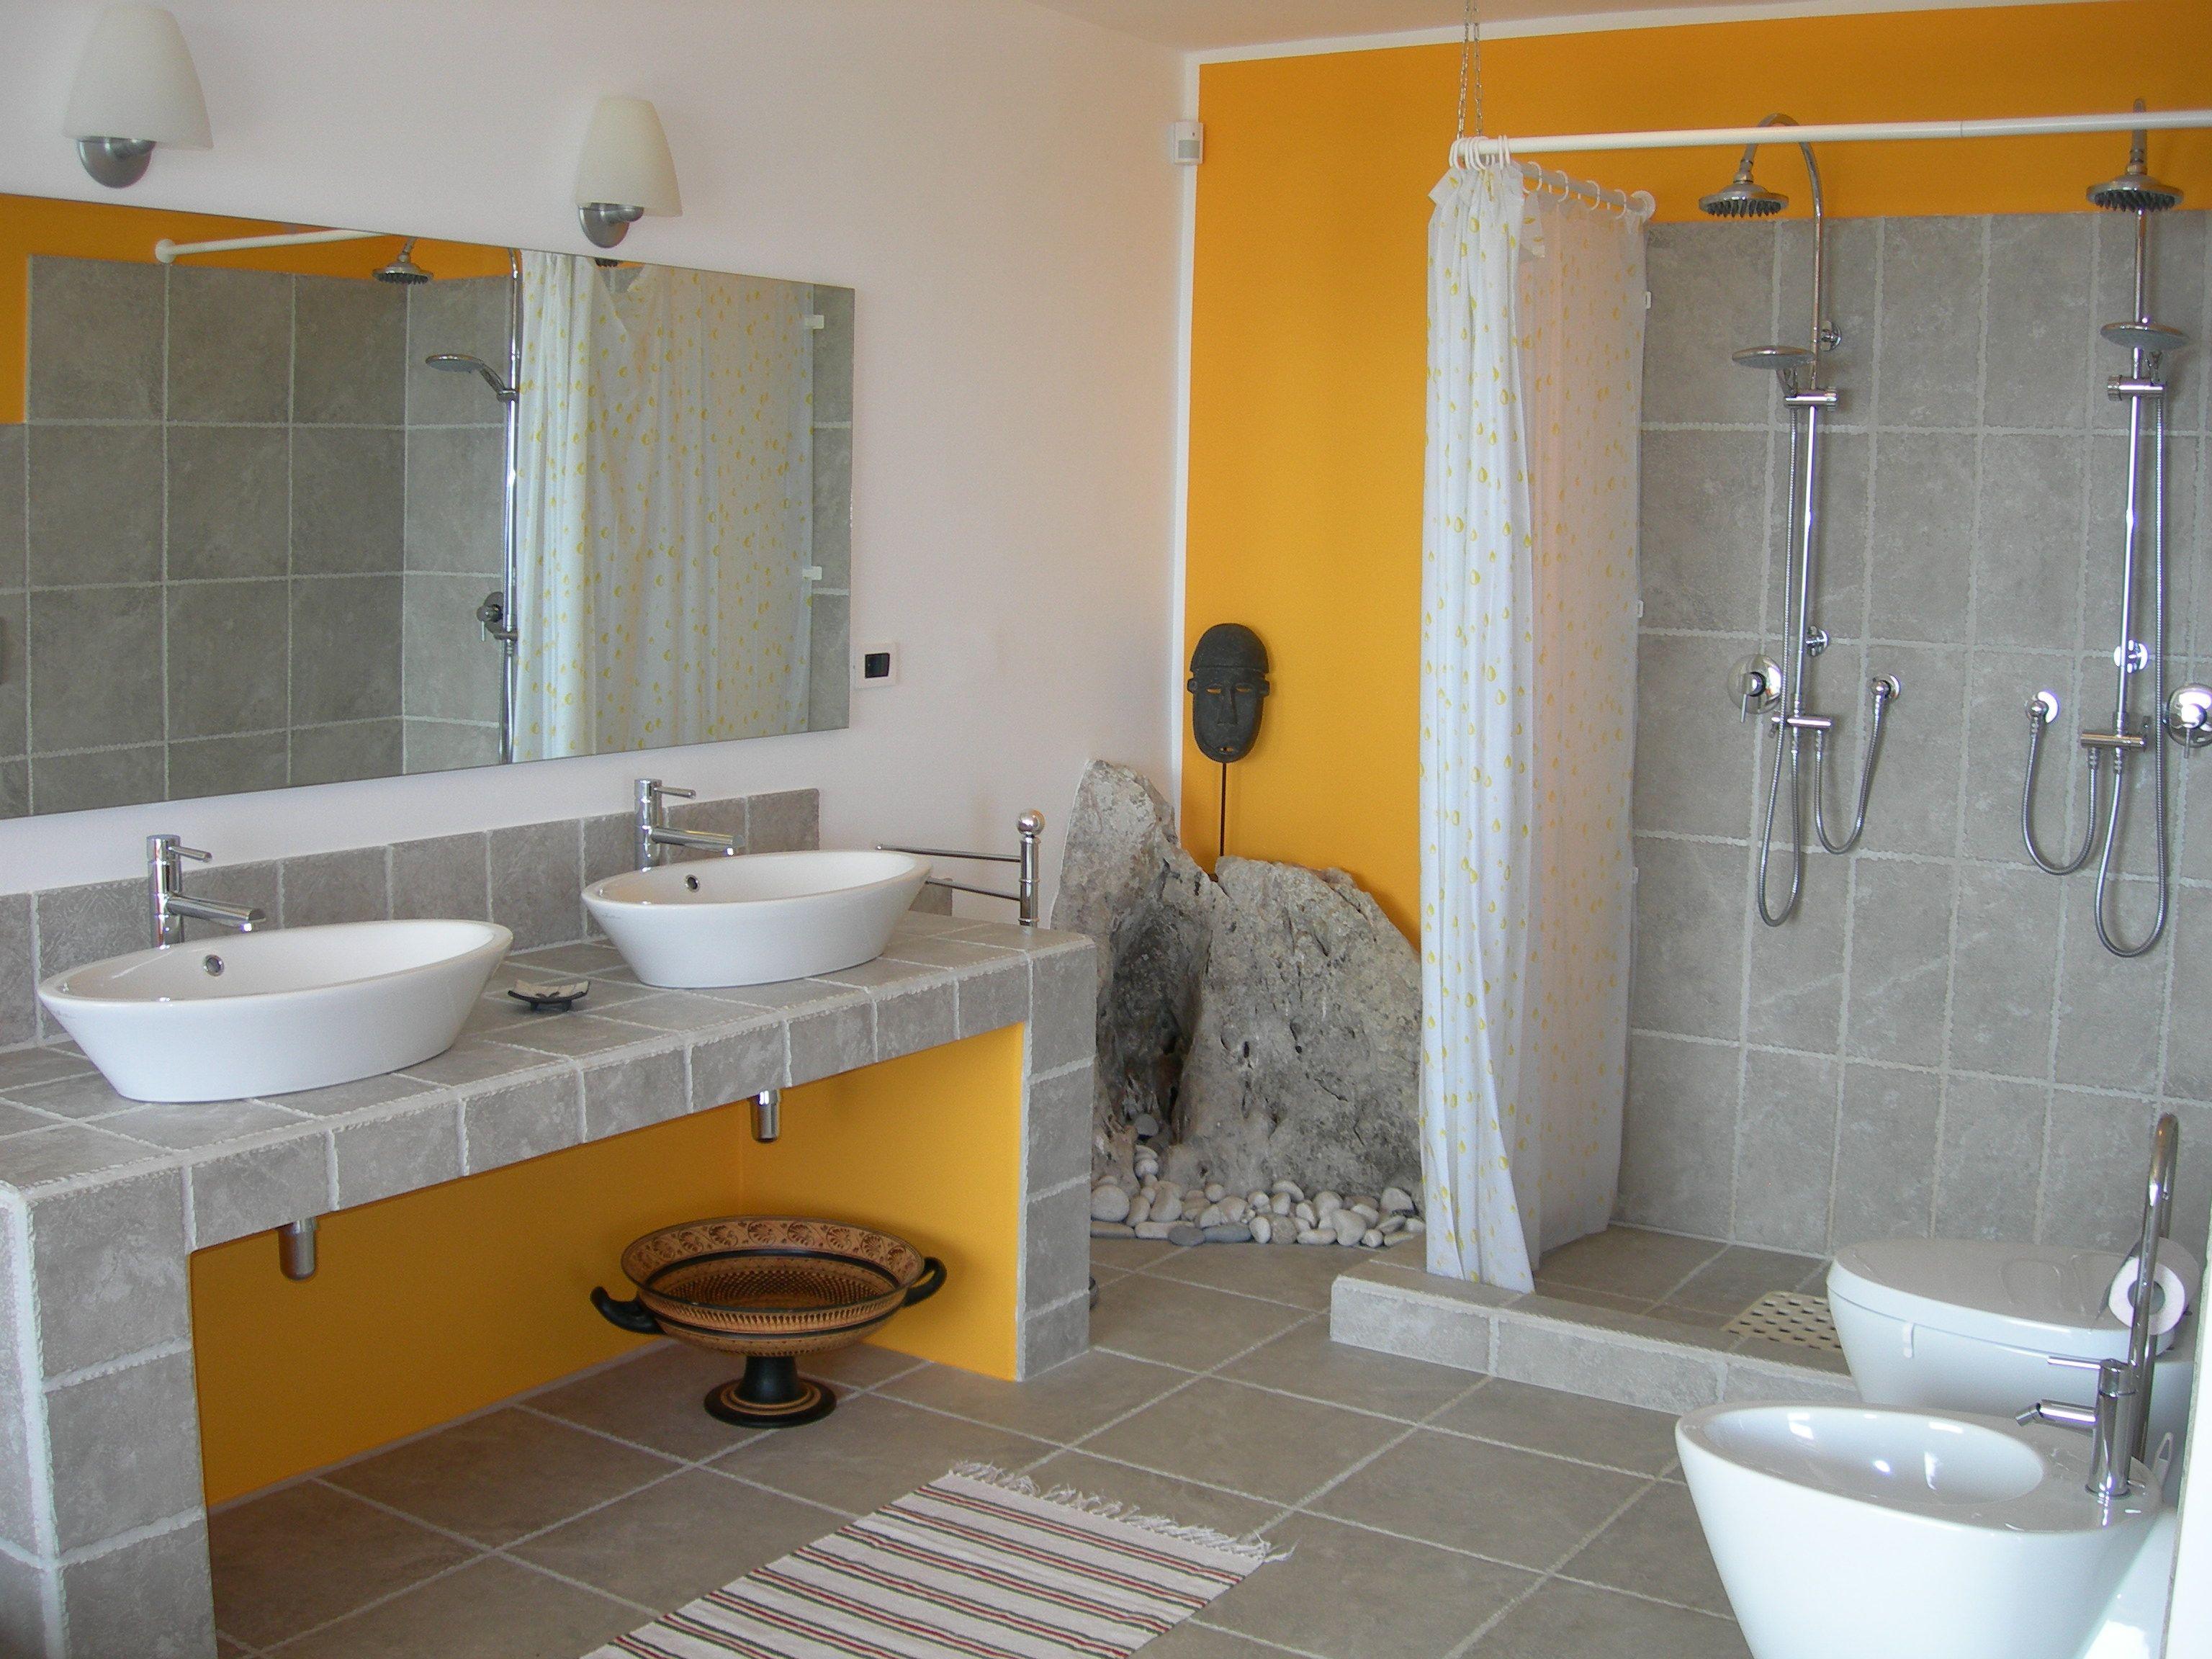 bagno giallo e grigio   4home   Pinterest